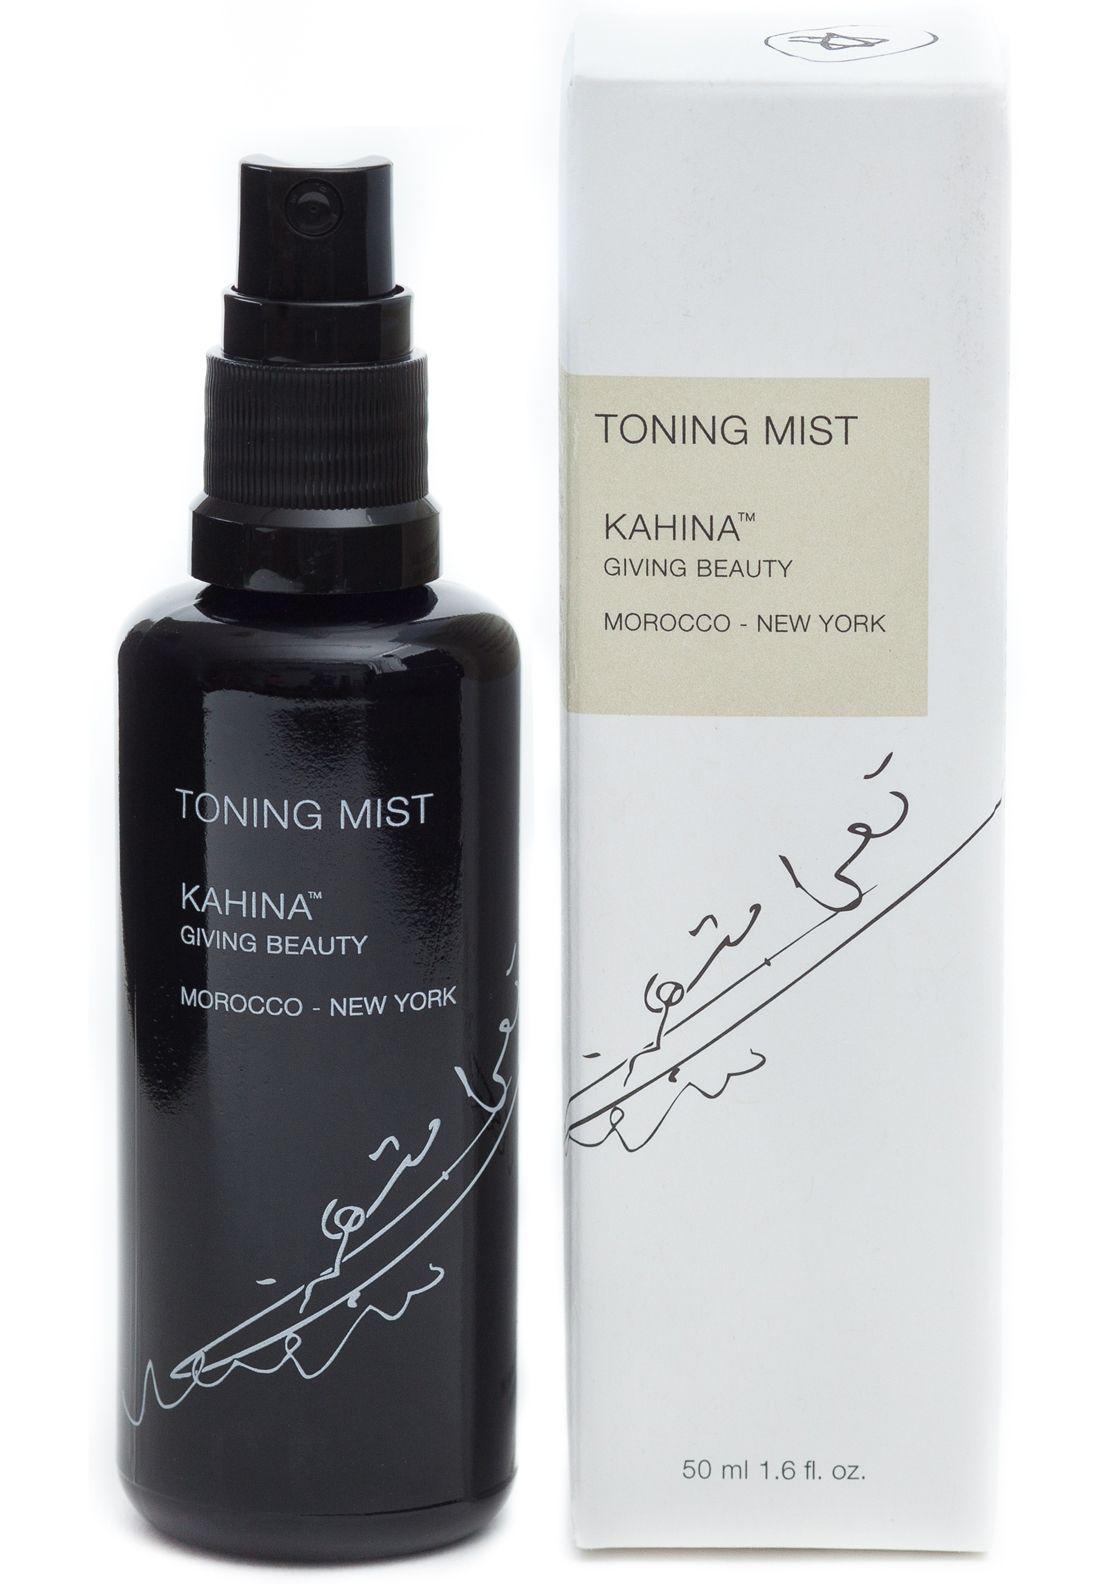 Kahina Toning Mist | Kahina Giving Beauty